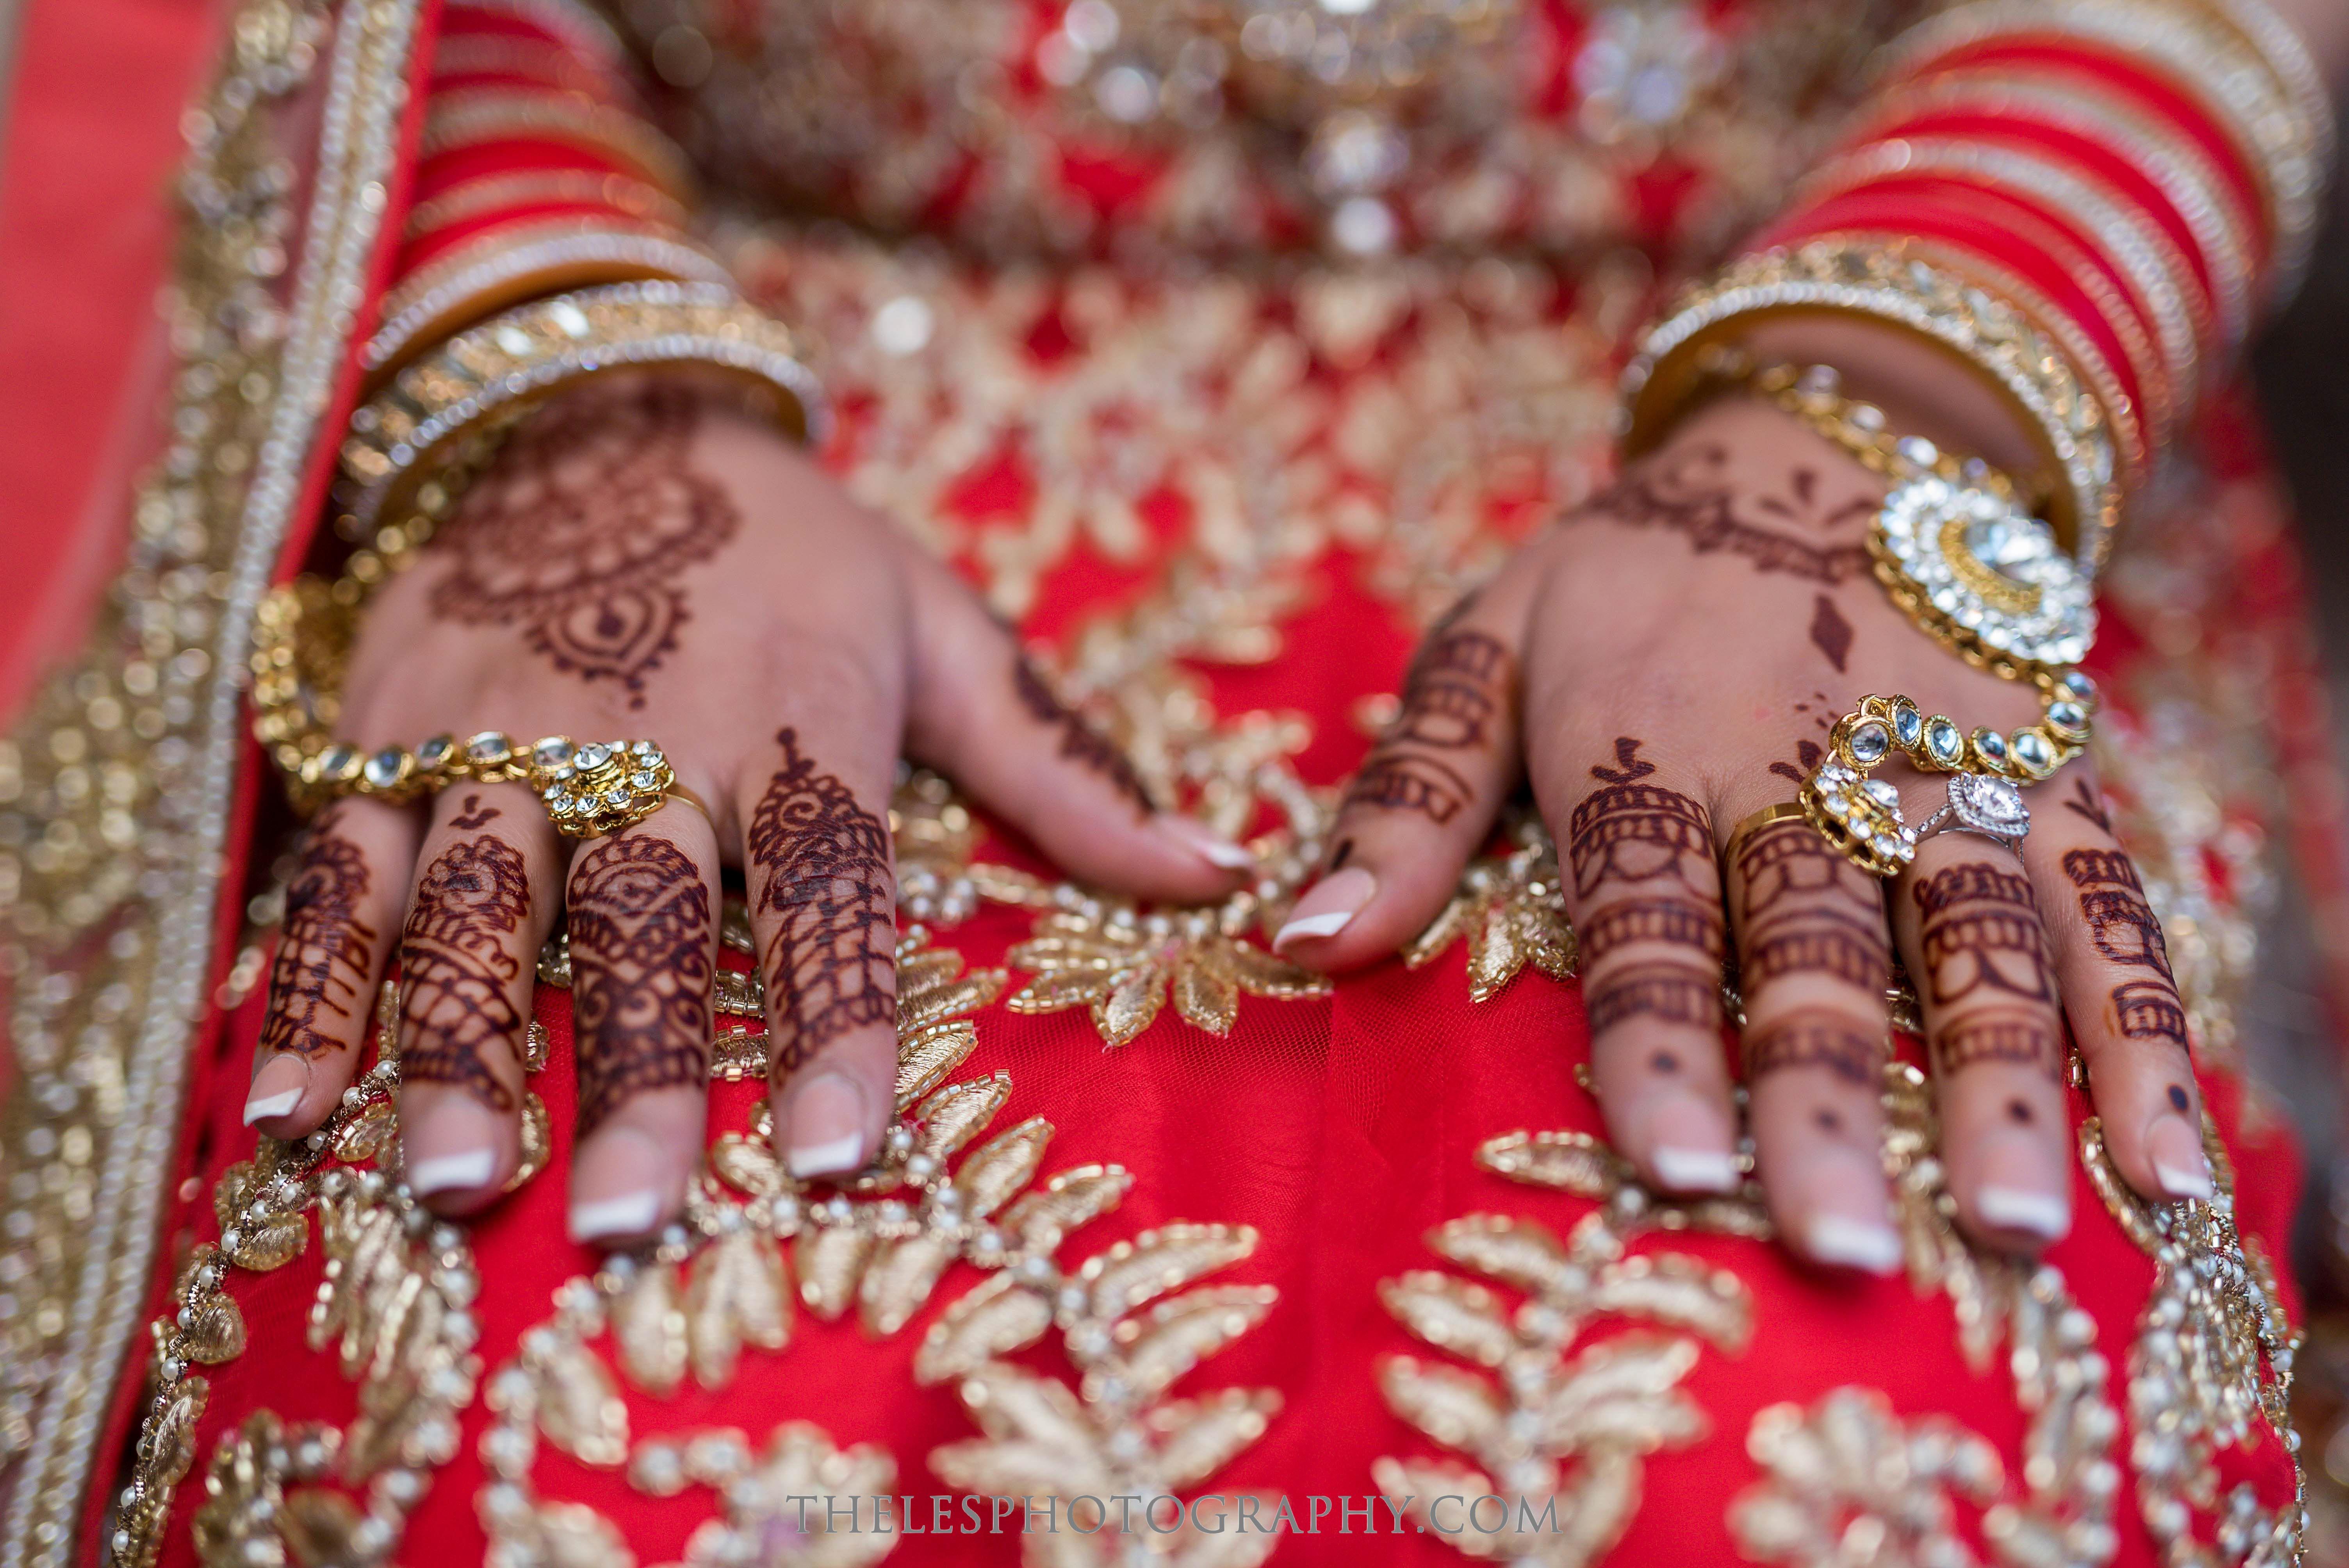 The Les Photography - Punjabi Wedding - Sikh Indian Wedding - Dallas Wedding Photographer 13